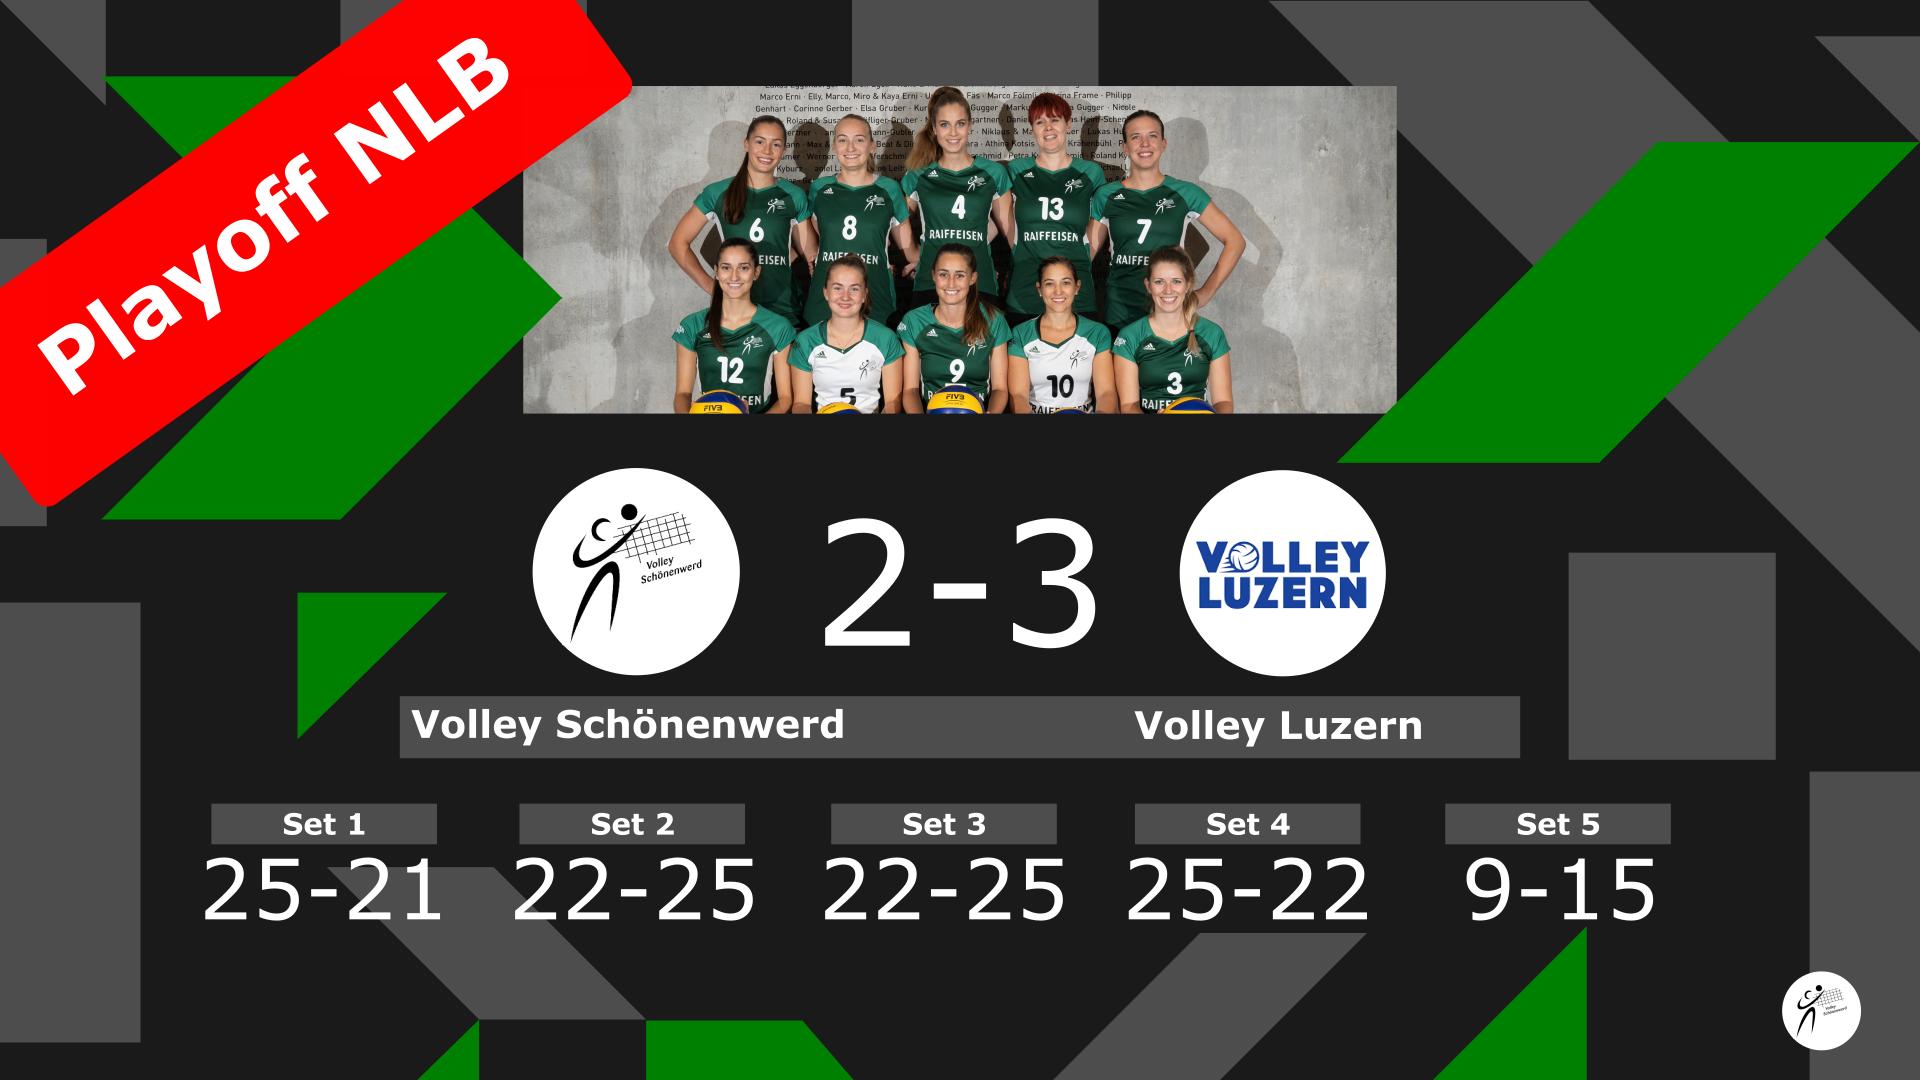 Volley Schönenwerd – Volley Luzern